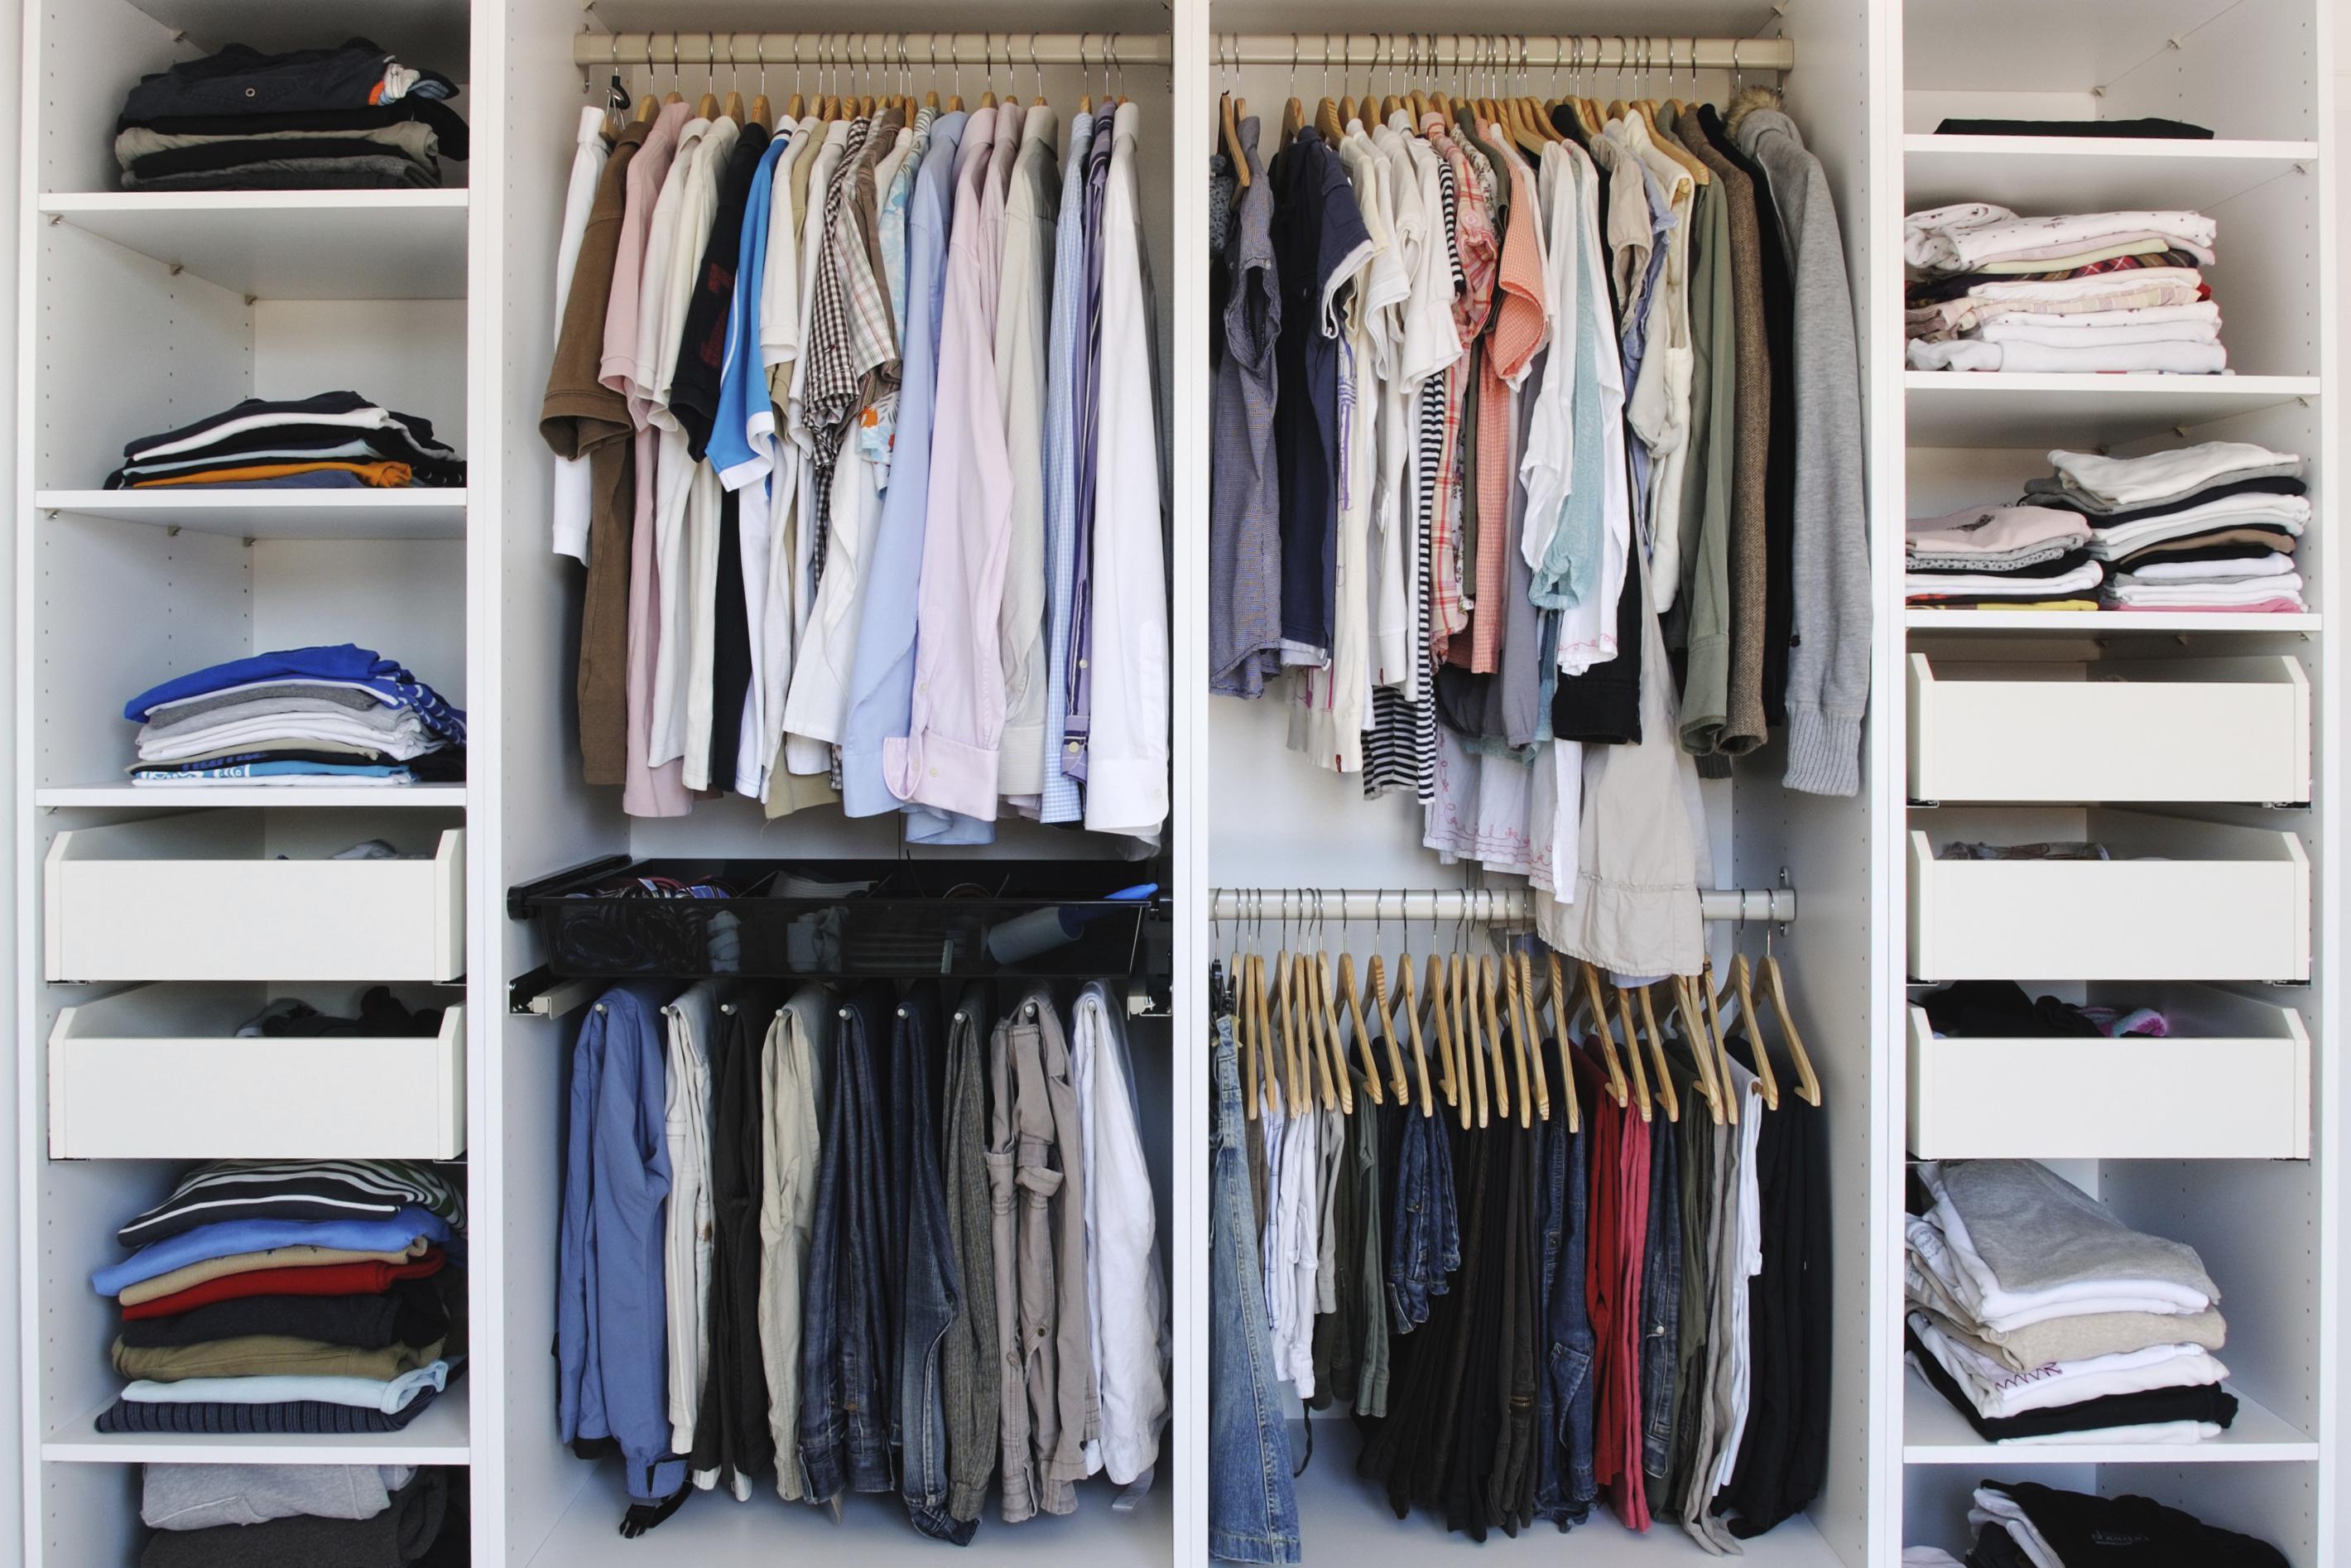 10 Best Closet Storage Ideas